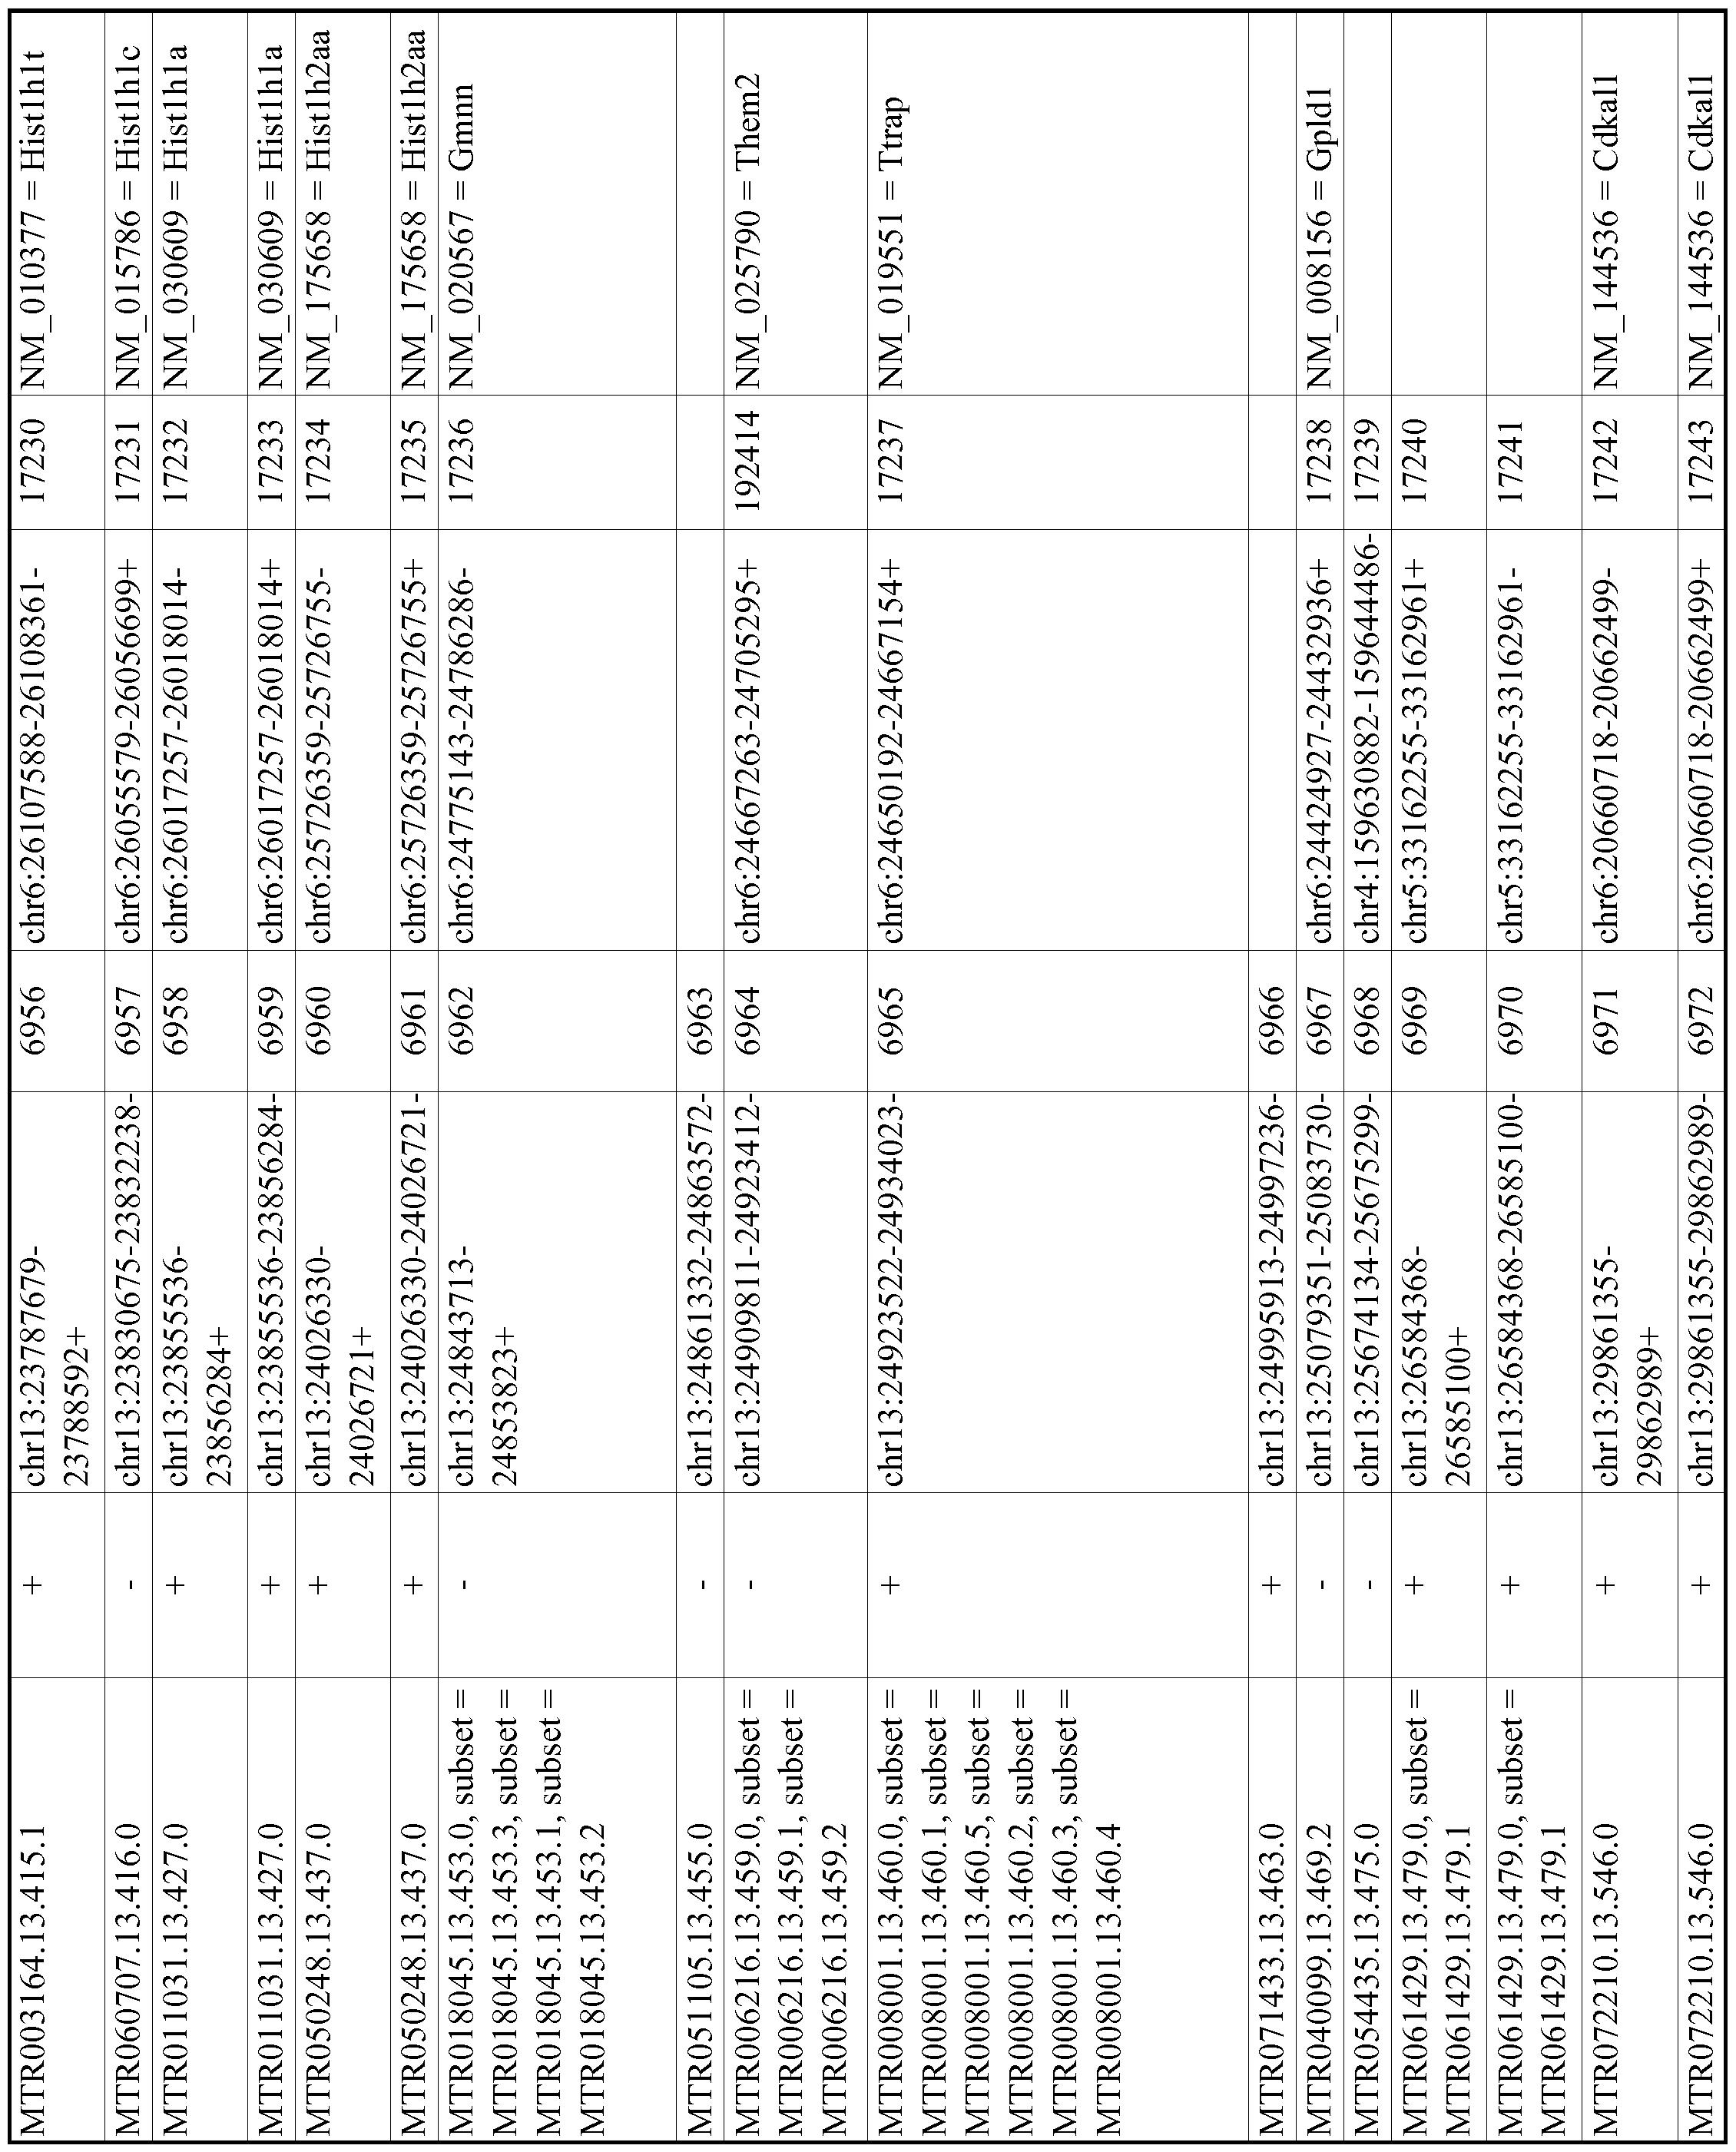 Figure imgf001230_0001